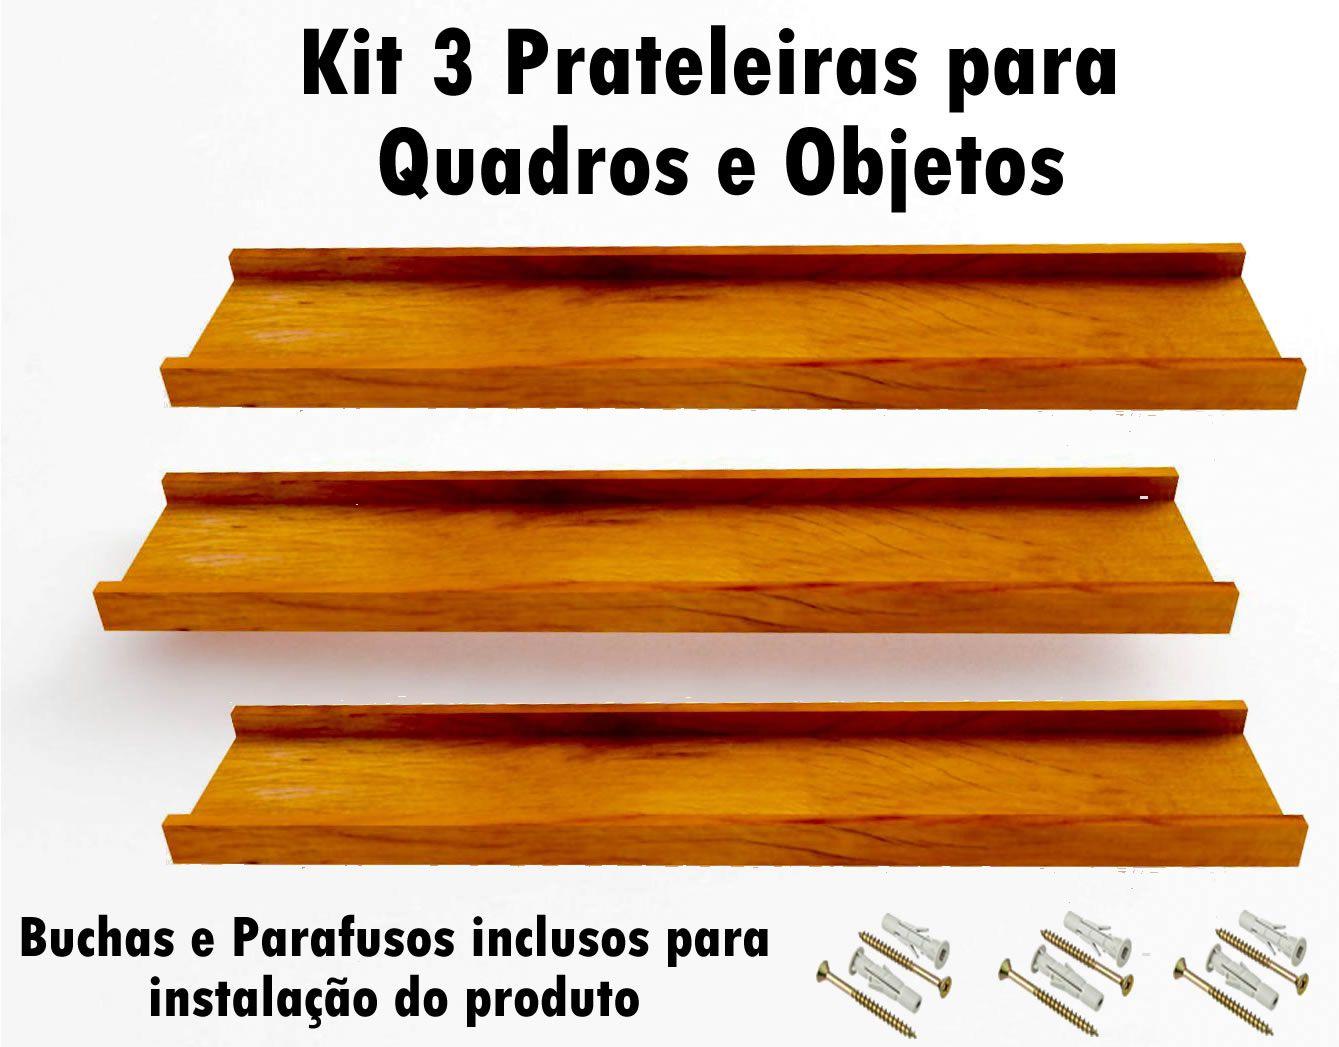 Kit 3 Prateleira em Madeira De Demolição para Quadros medindo 60x15x4